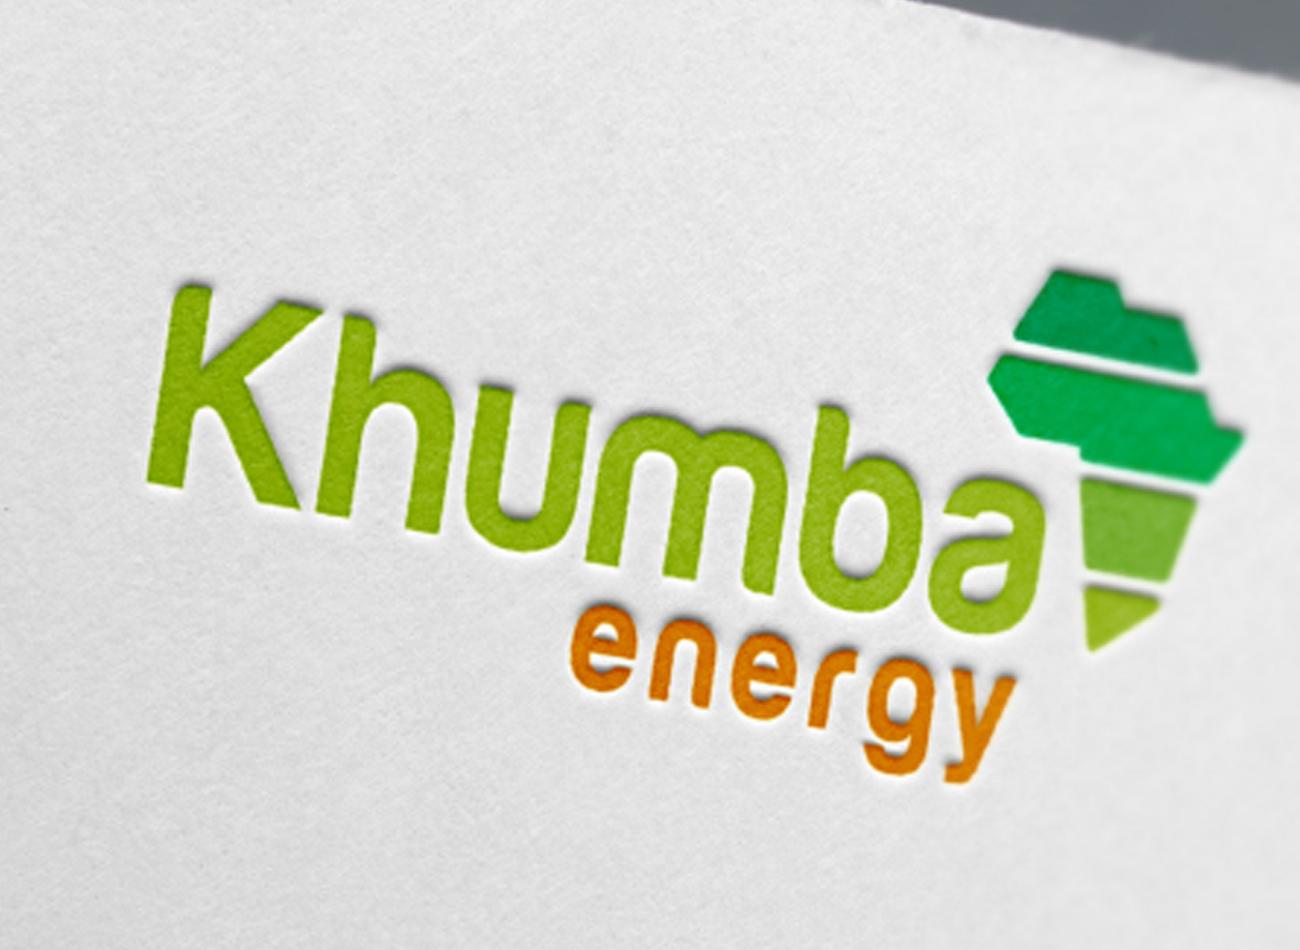 khumba-energy-Logo-Case-Study-Corporate-Identity-Agent-Orange-Design-Thumbnail.jpg